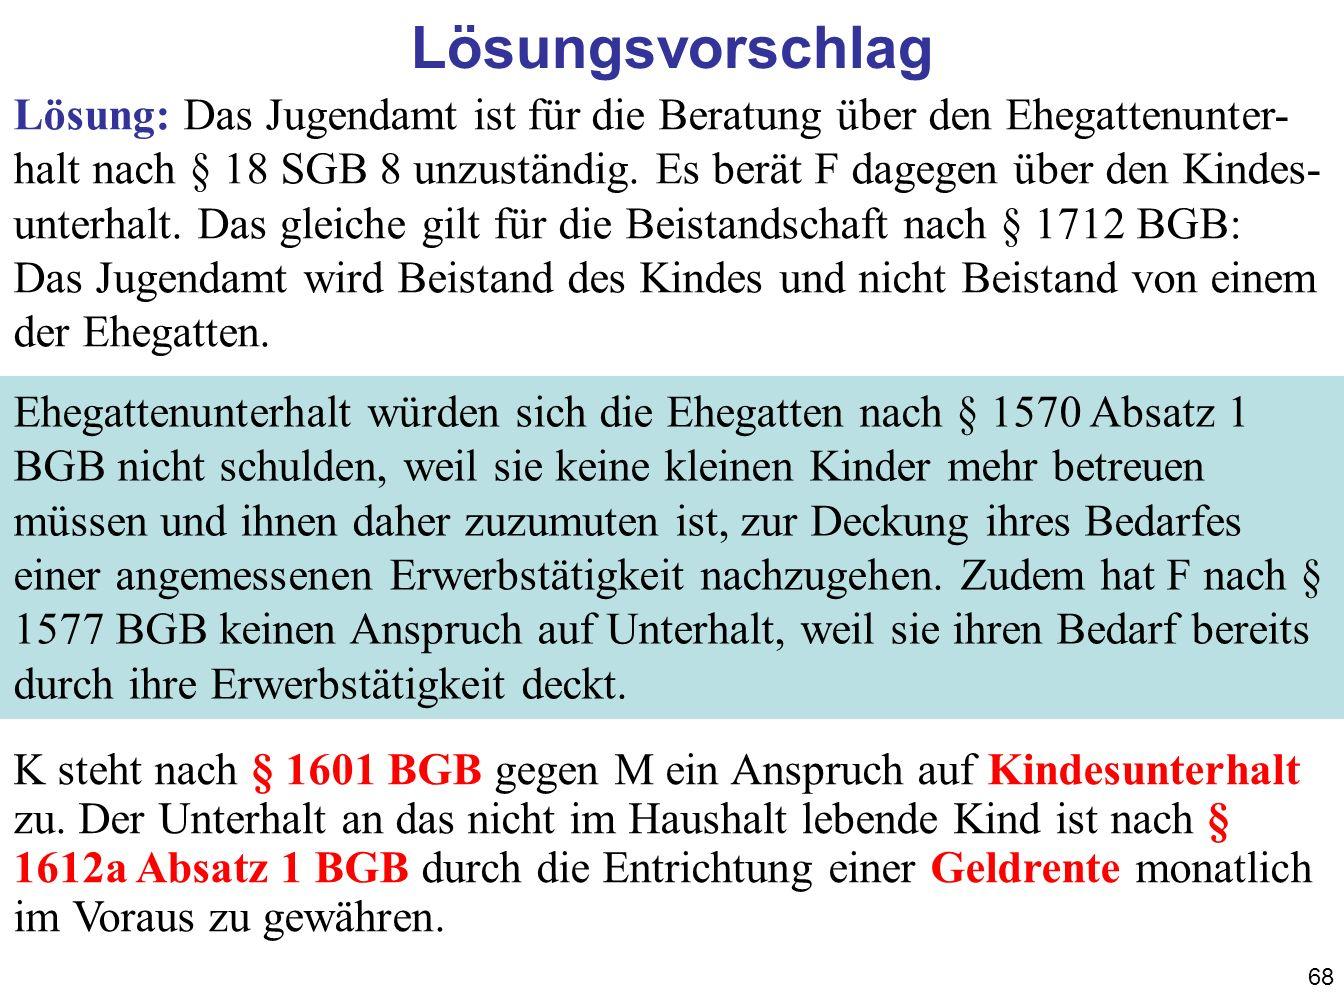 68 Lösungsvorschlag Lösung: Das Jugendamt ist für die Beratung über den Ehegattenunter- halt nach § 18 SGB 8 unzuständig. Es berät F dagegen über den